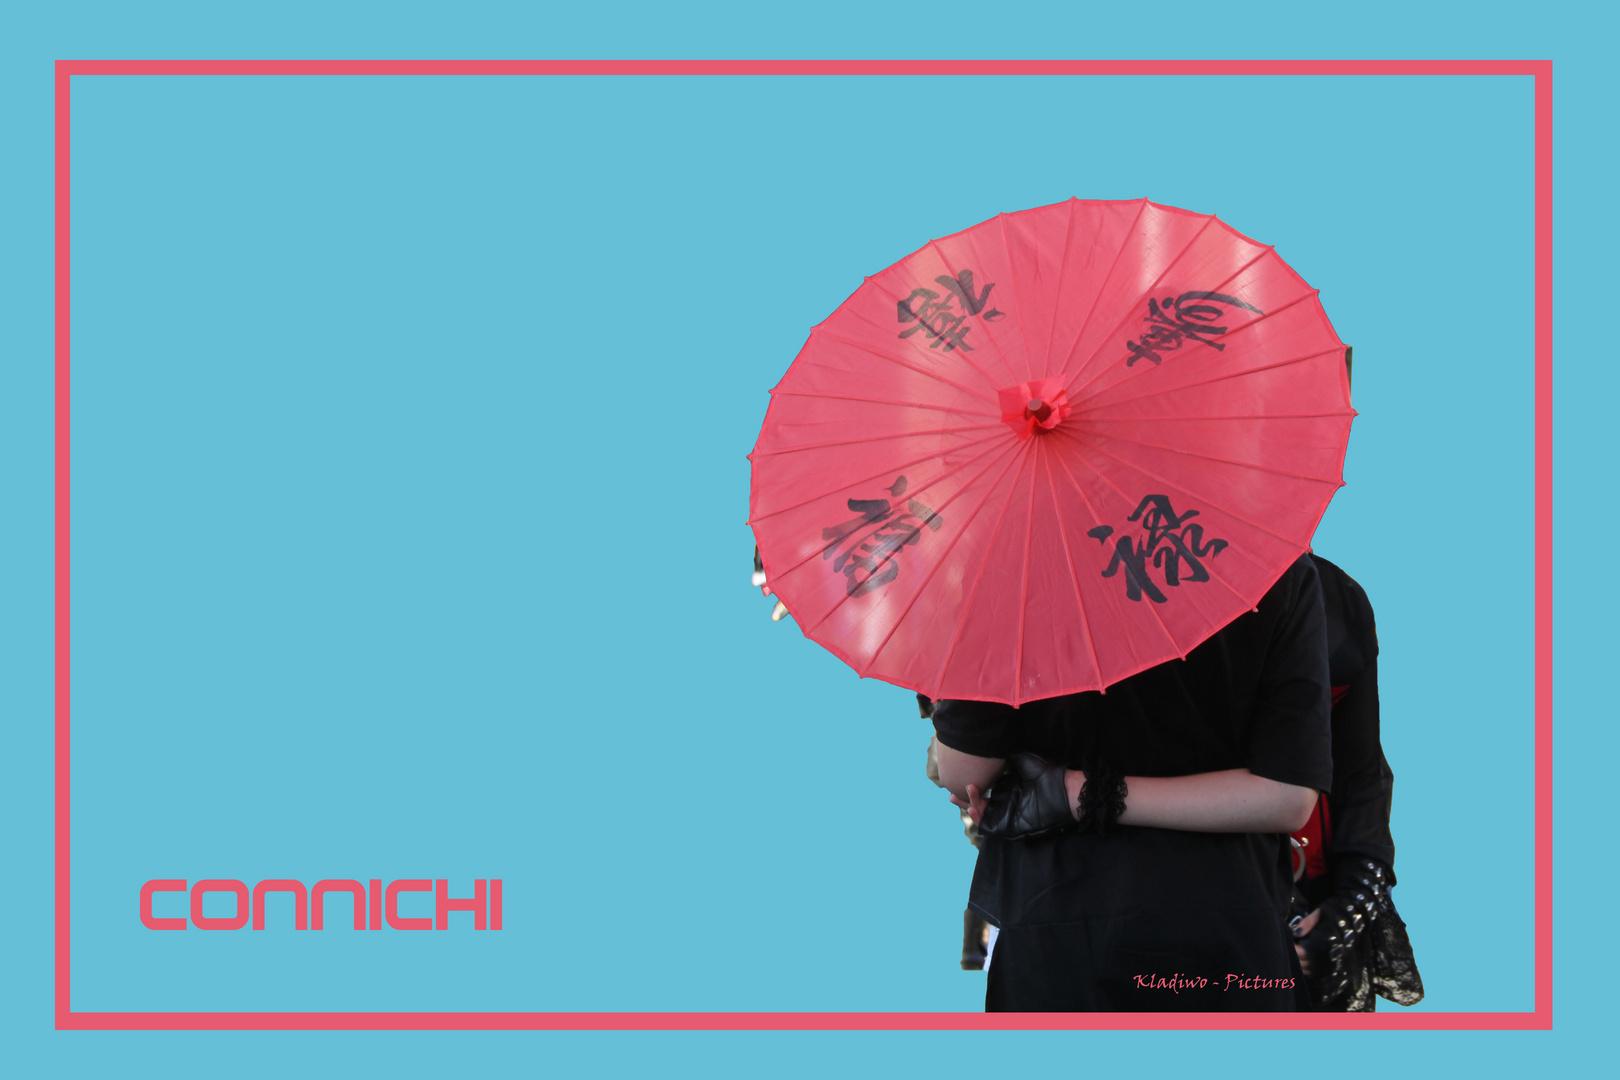 Connichi 01